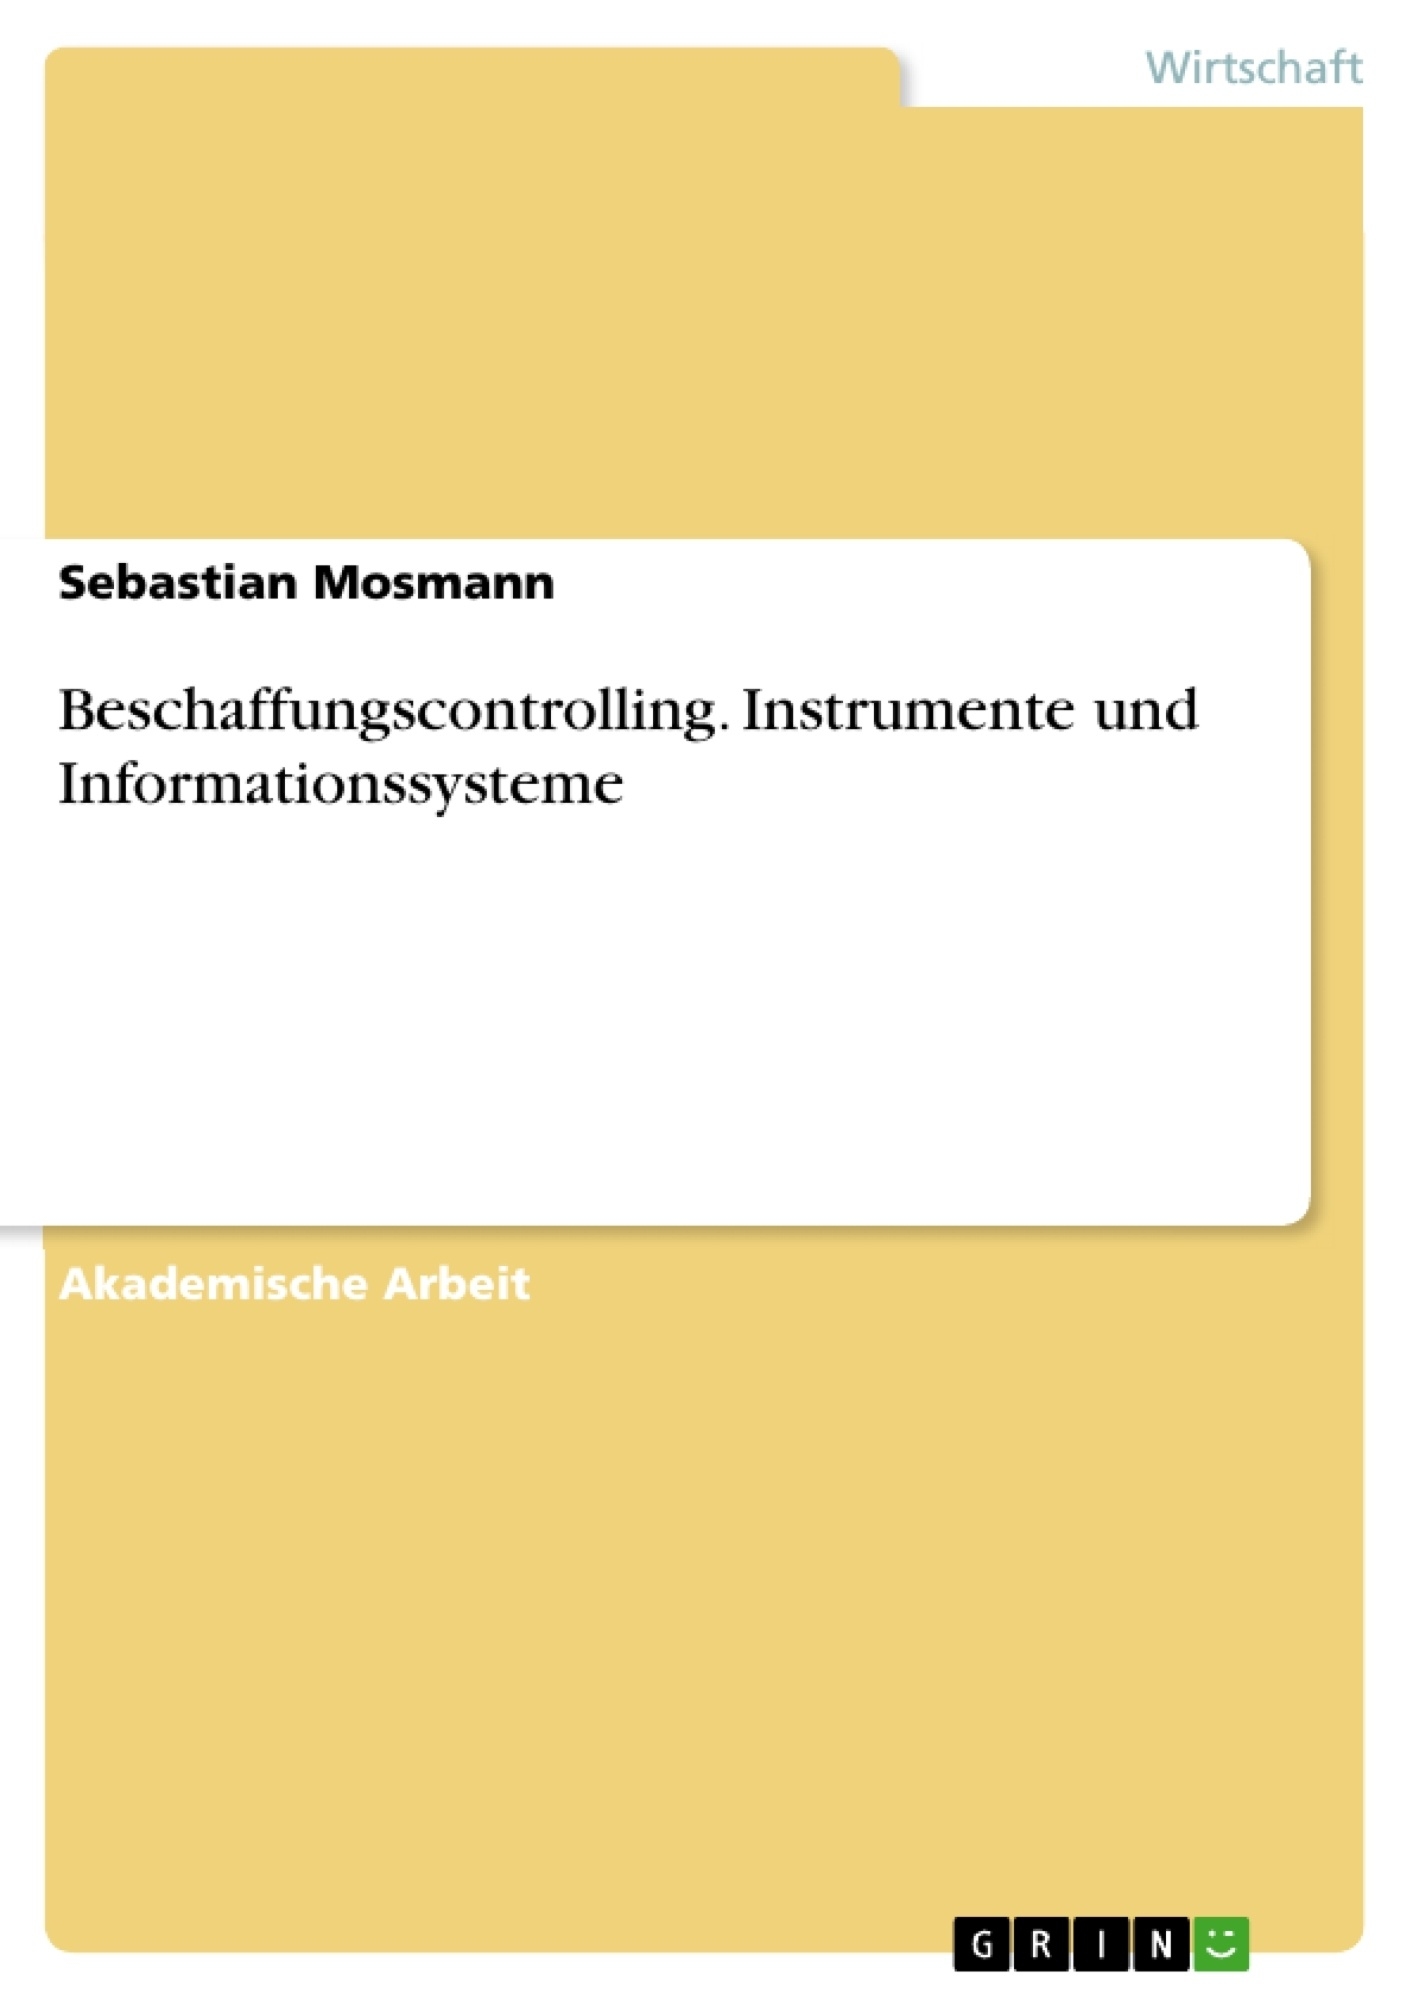 Titel: Beschaffungscontrolling. Instrumente und Informationssysteme